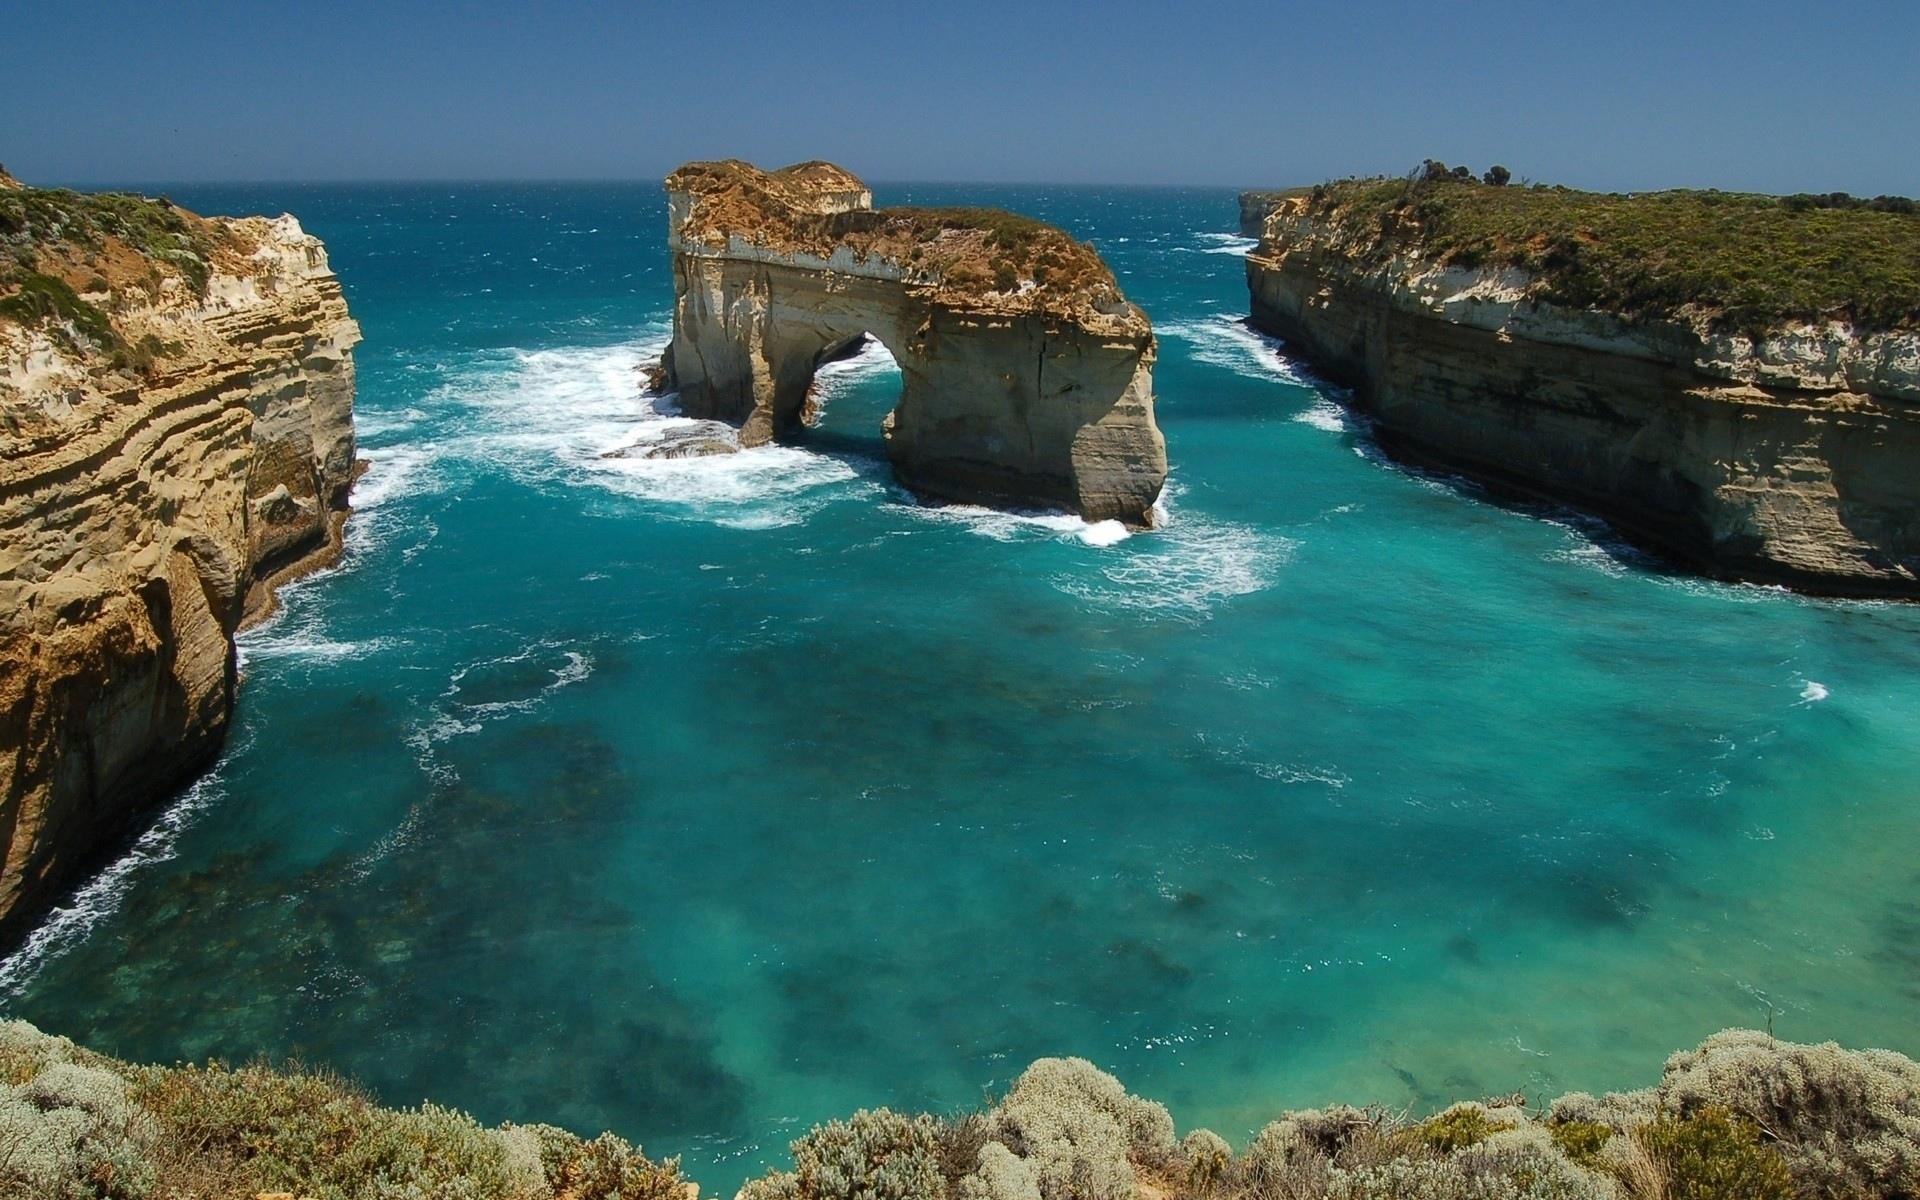 залив берег скалы море скачать